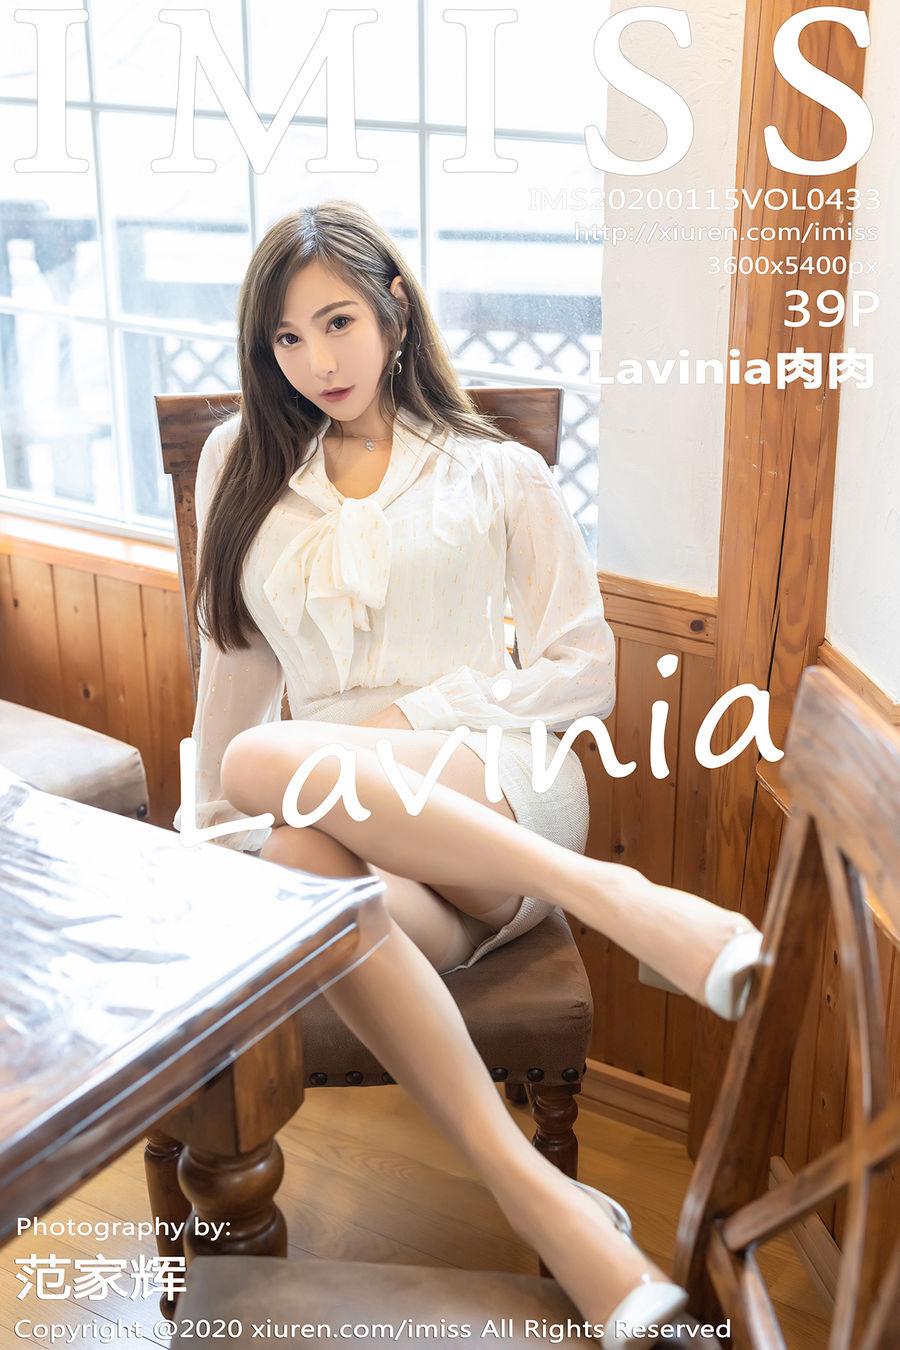 [IMISS爱蜜社] VOL.433 Lavinia肉肉 [39+1P/100M]